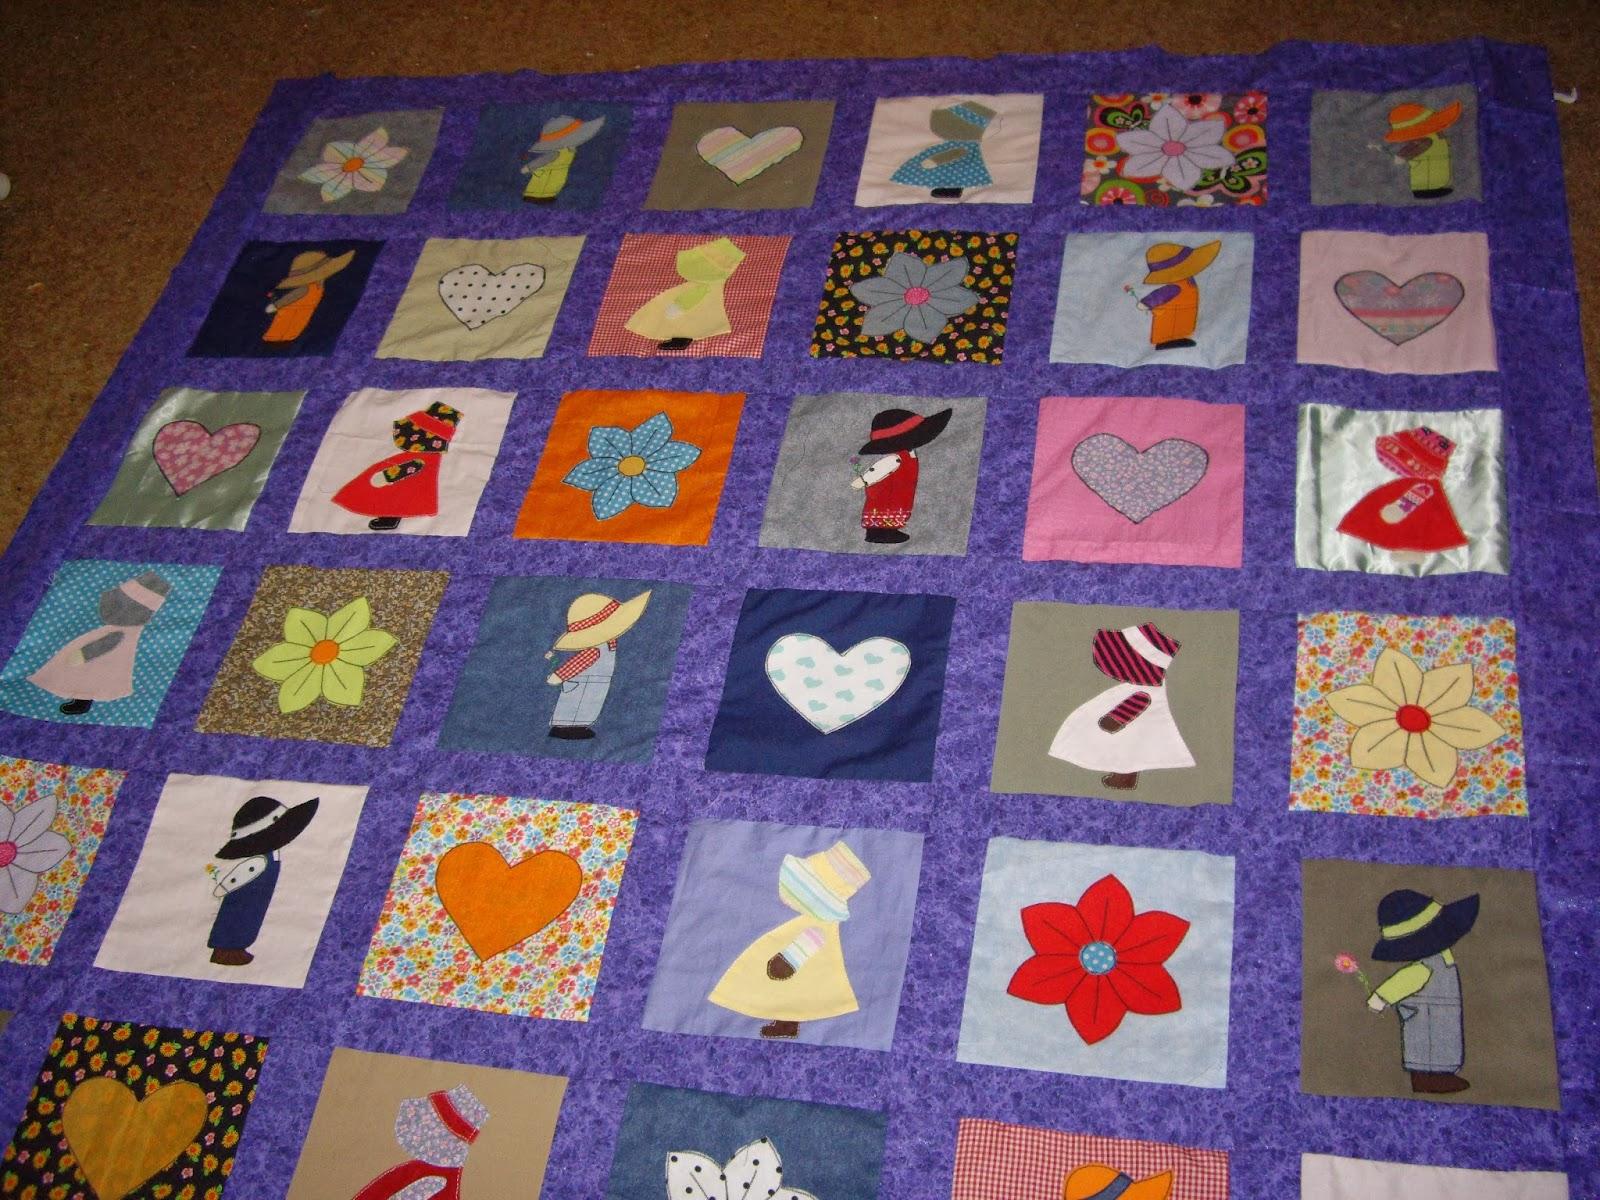 Creaciones grislua acolchado hecho con ropa reciclada en patchwork - Acolchados en patchwork ...